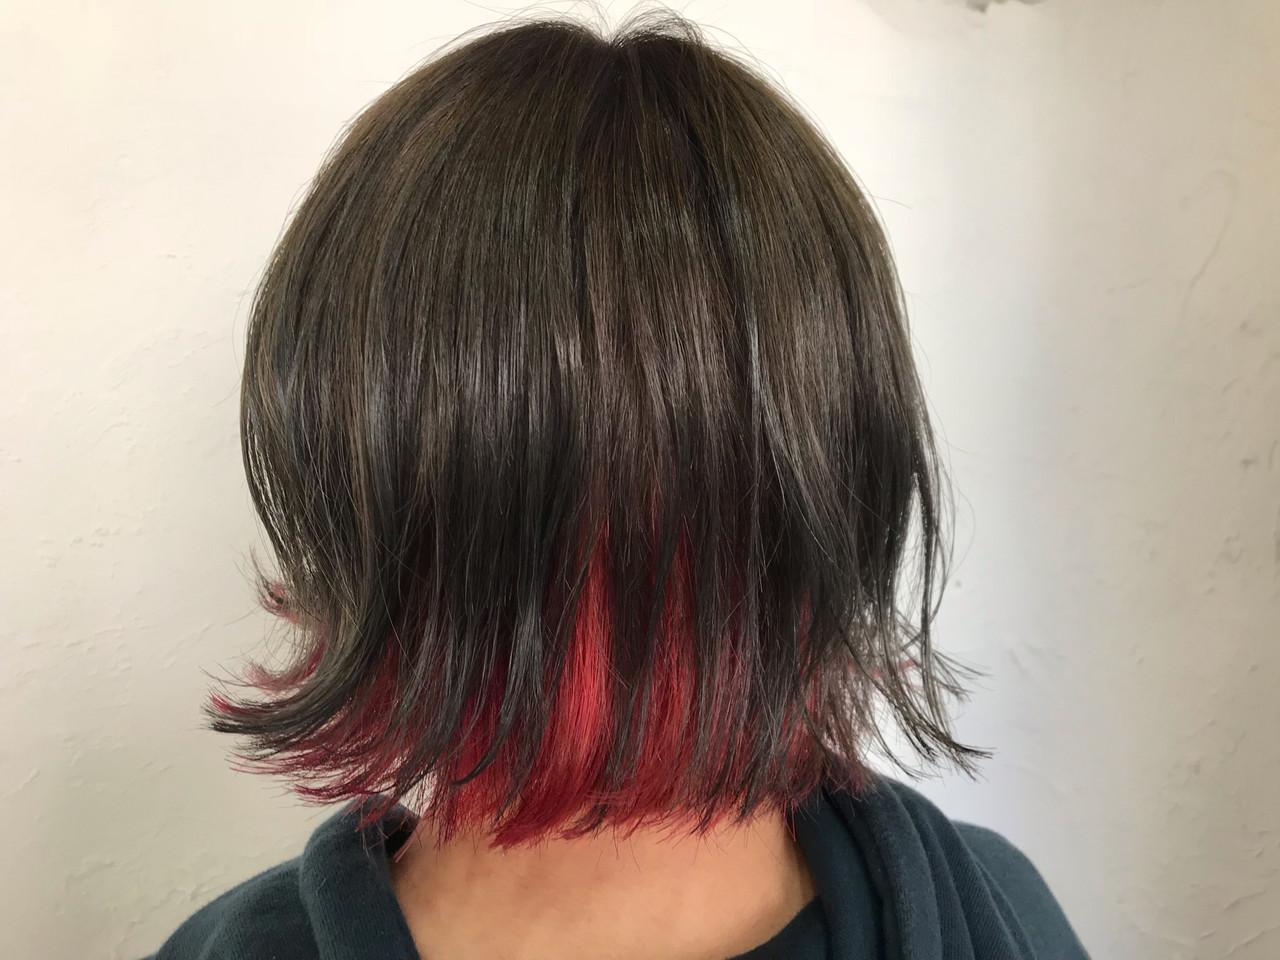 ヘアアレンジ ボブ アウトドア 簡単ヘアアレンジ ヘアスタイルや髪型の写真・画像 | YUUKI / RITA&CO.